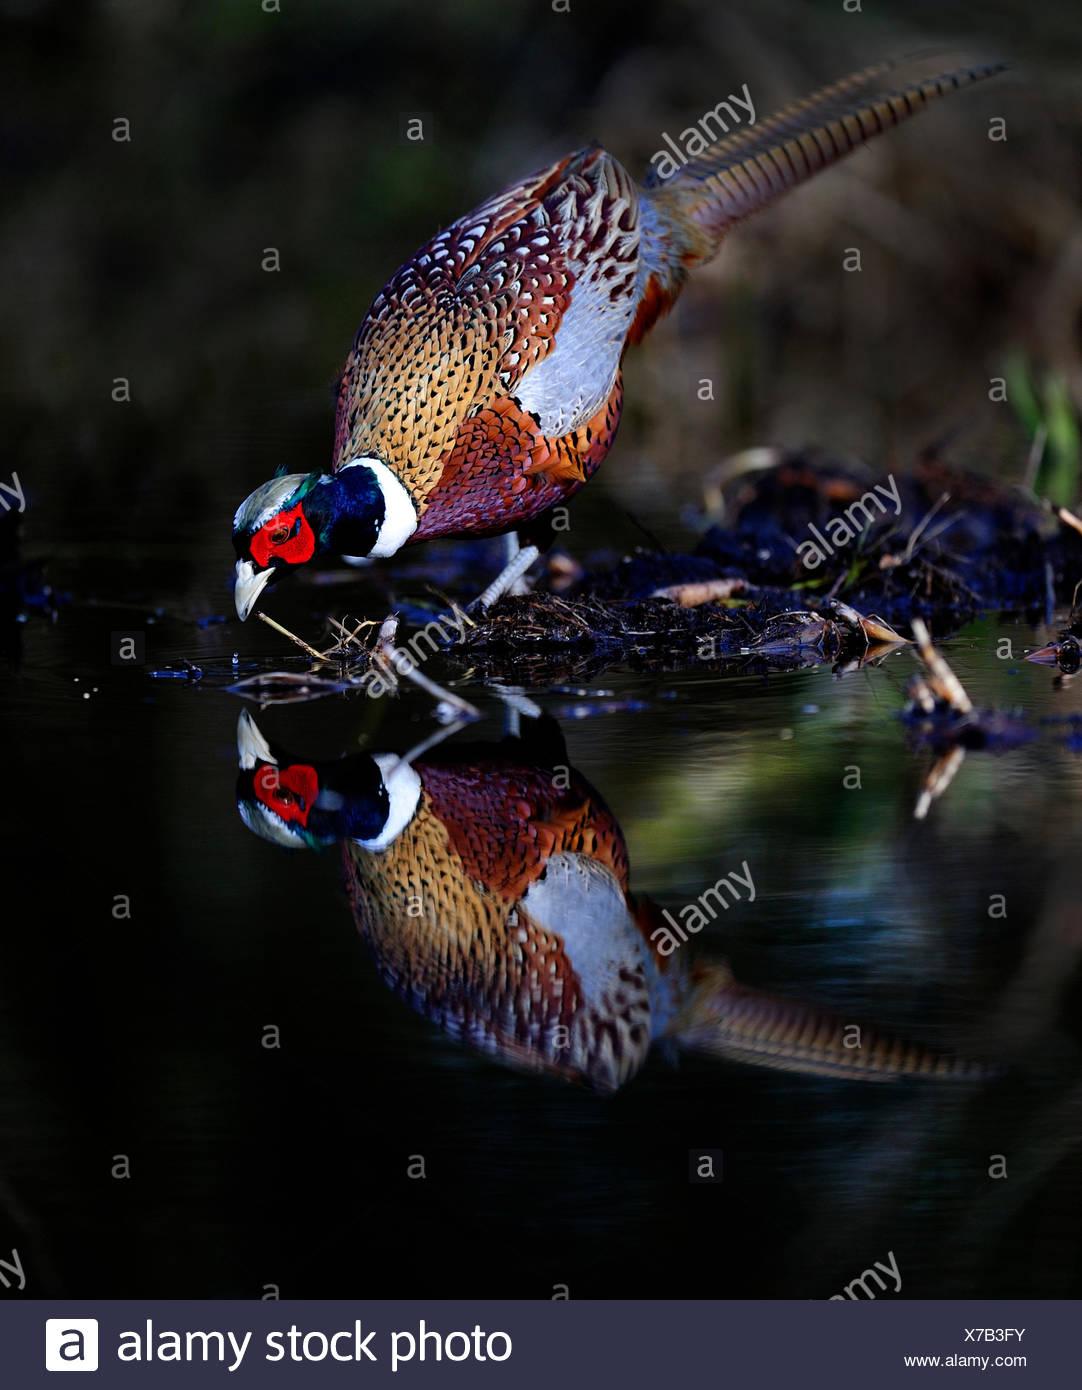 Mâle Faisan de Colchide Phasianus colchicus boire à Norfolk piscine bois Photo Stock